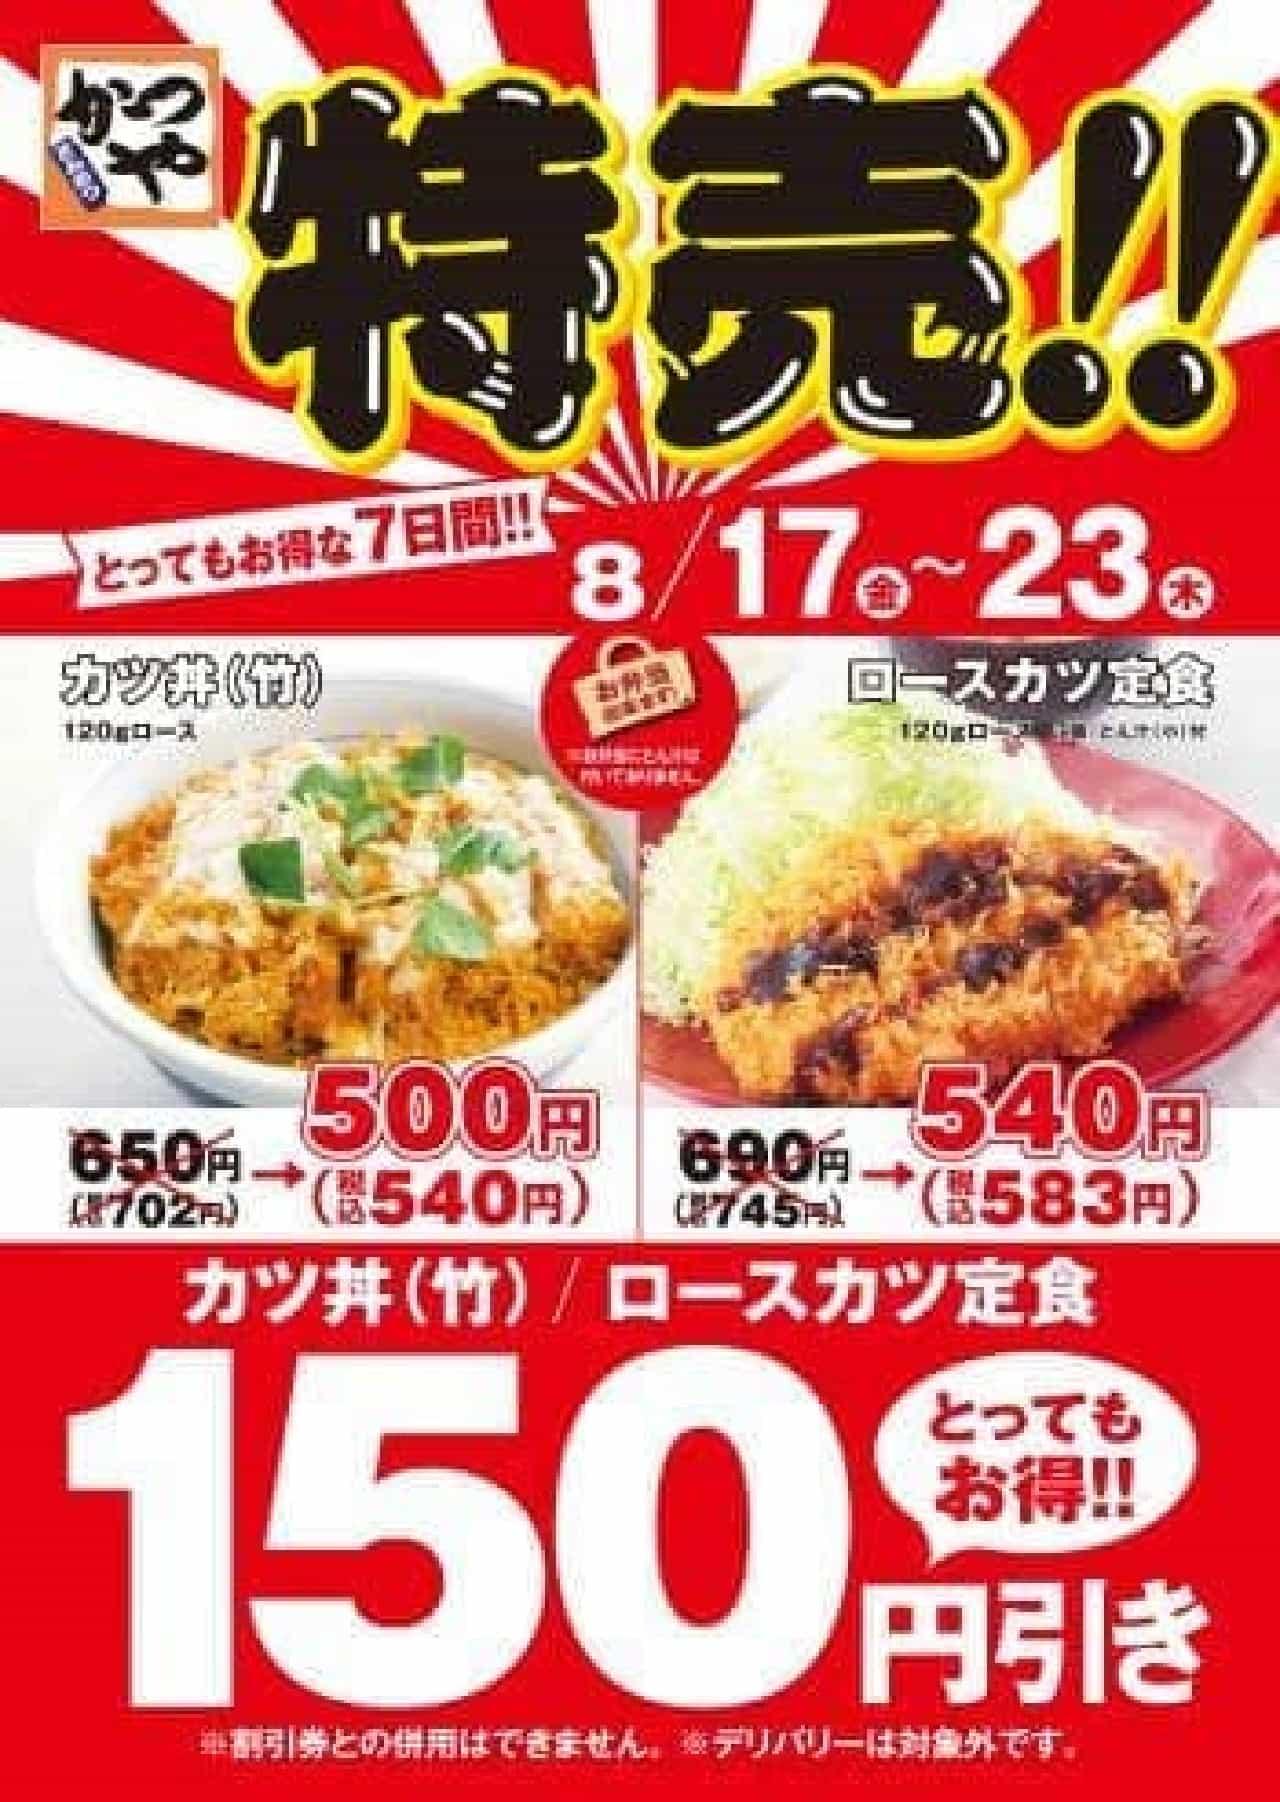 かつやで感謝祭 定番メニューが150円引き